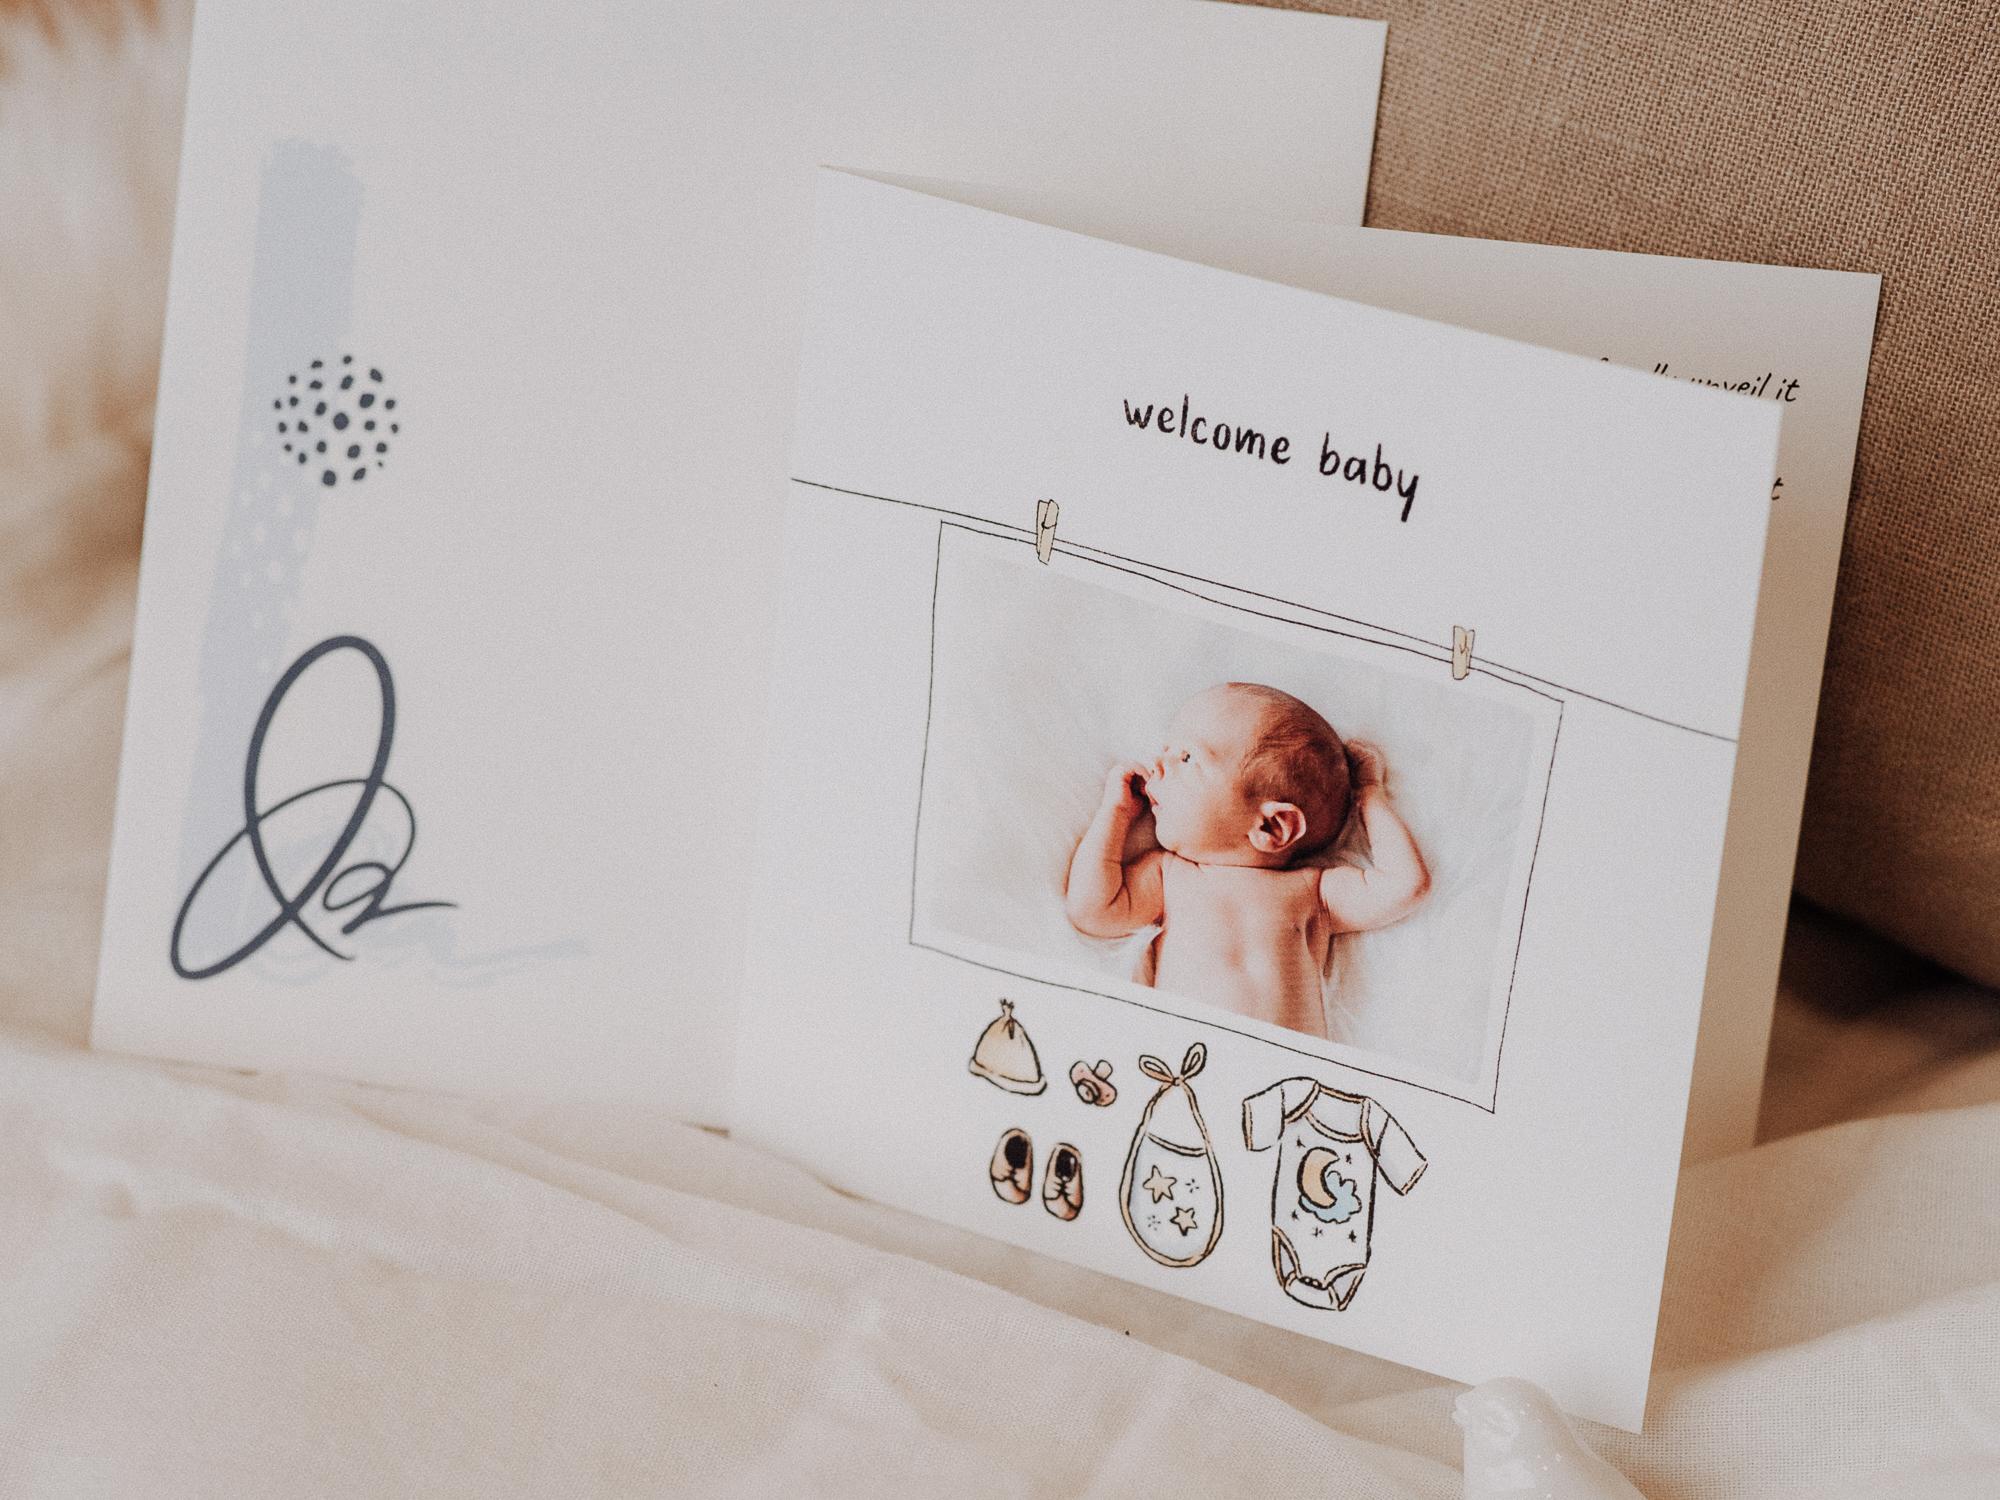 faire-part vetements de bebe welcome baby